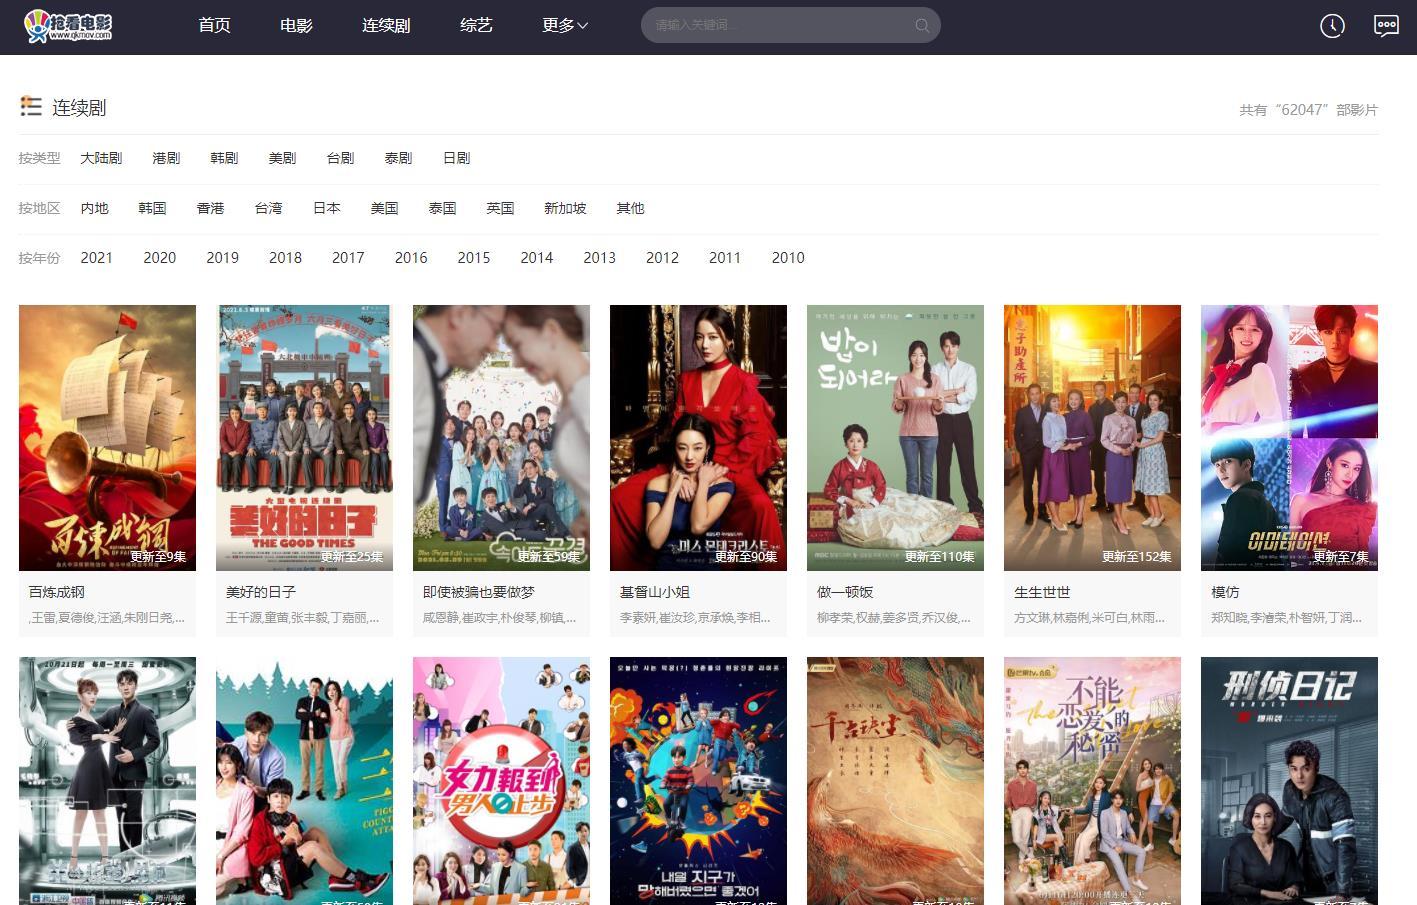 抢看电影网(qkmov)要看电影,抢先看电影,电影推荐